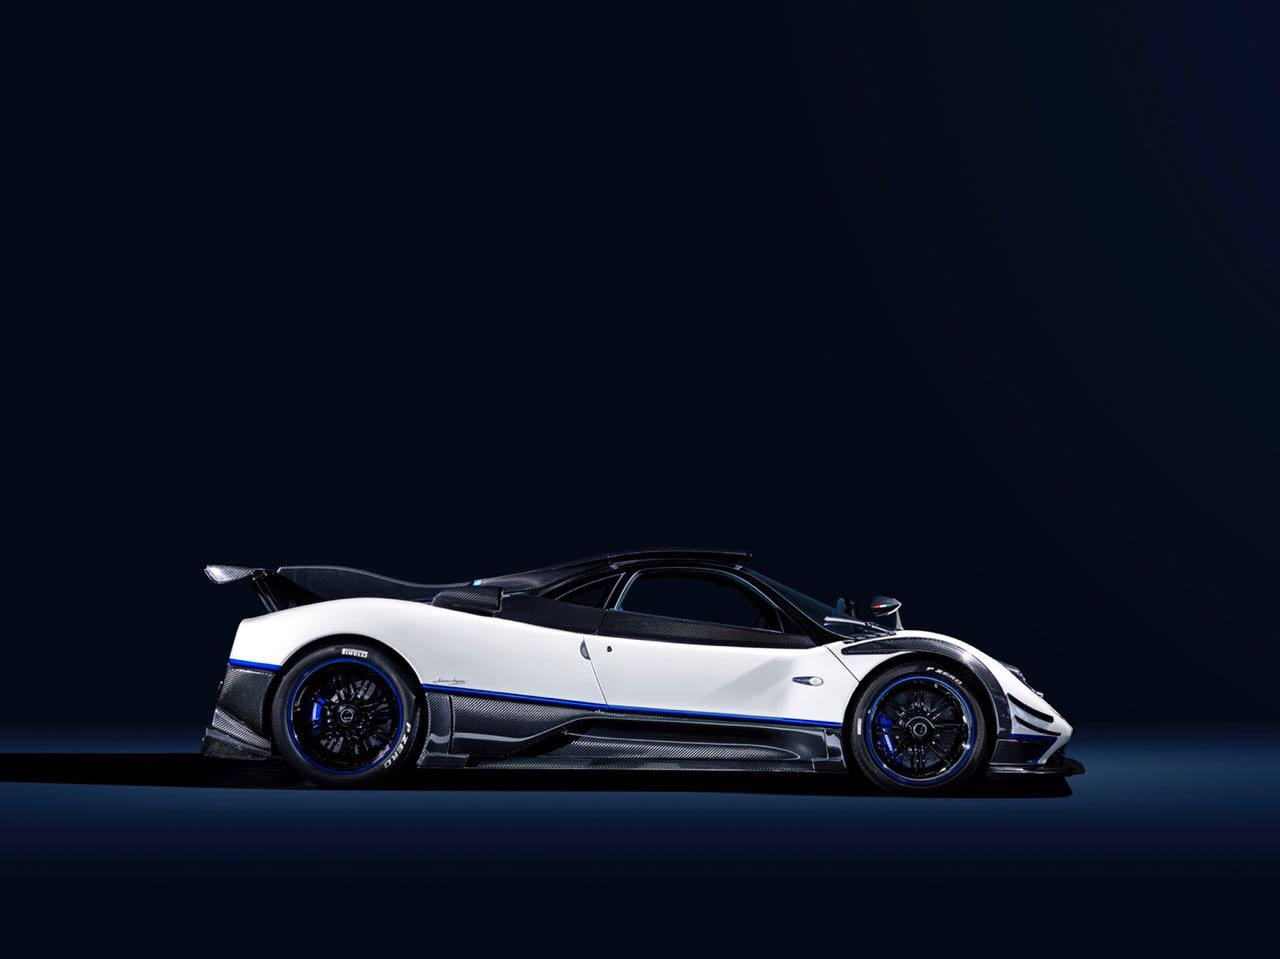 Pagani Zonda Riviera For Sale In Saudi Arabia Supercar